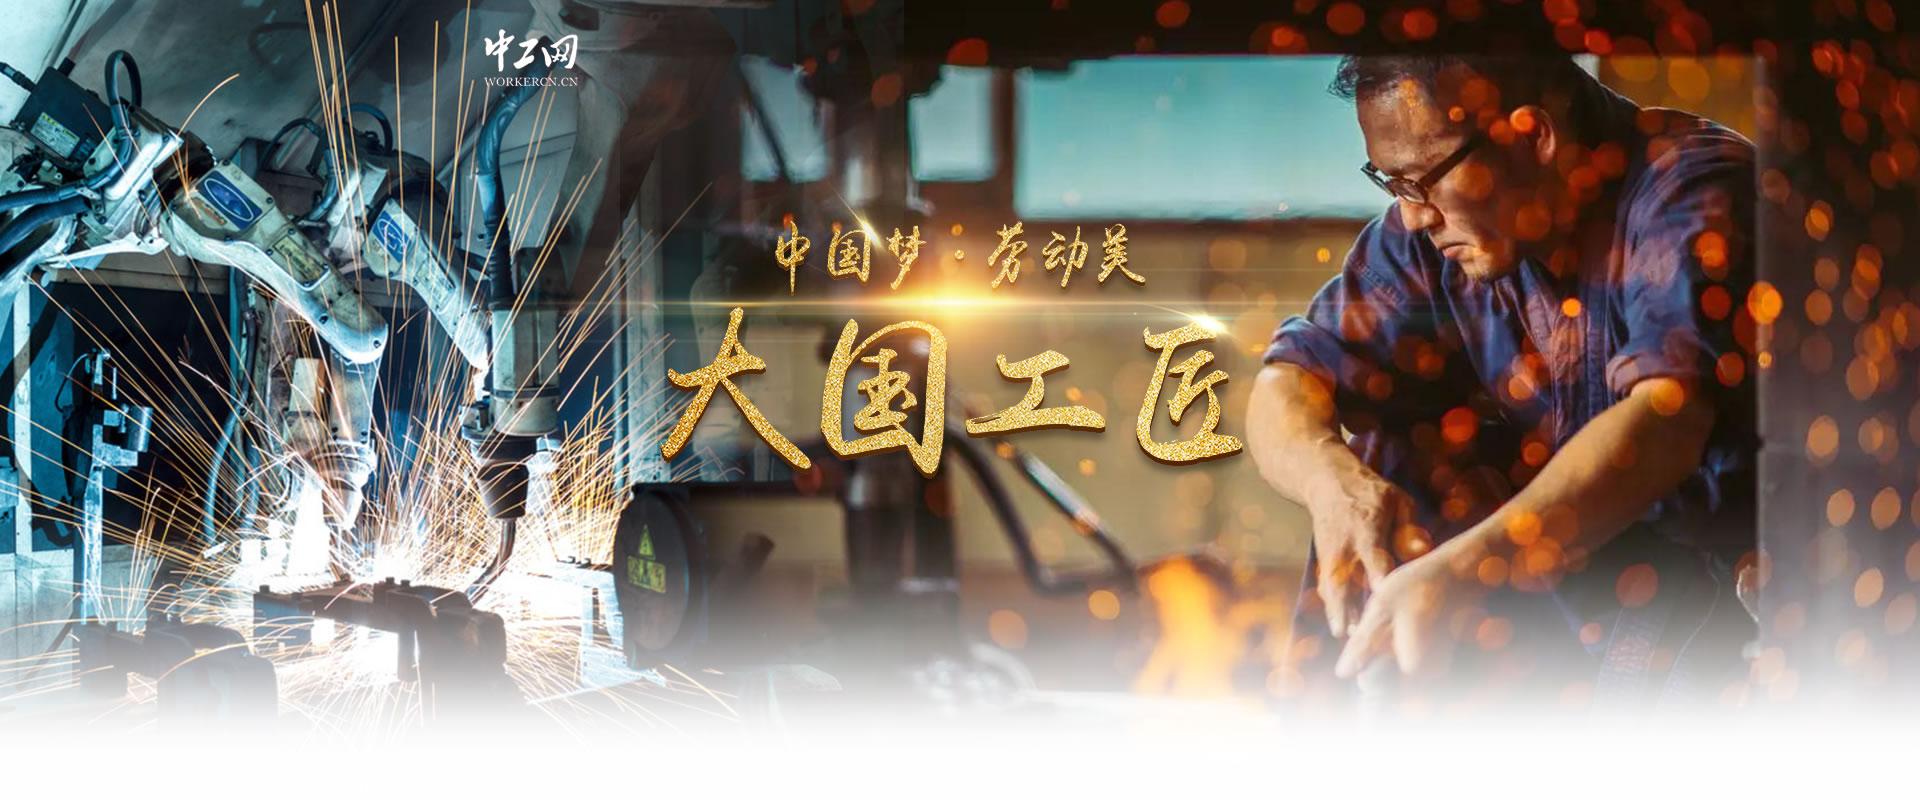 中国梦·劳动美 大国工匠